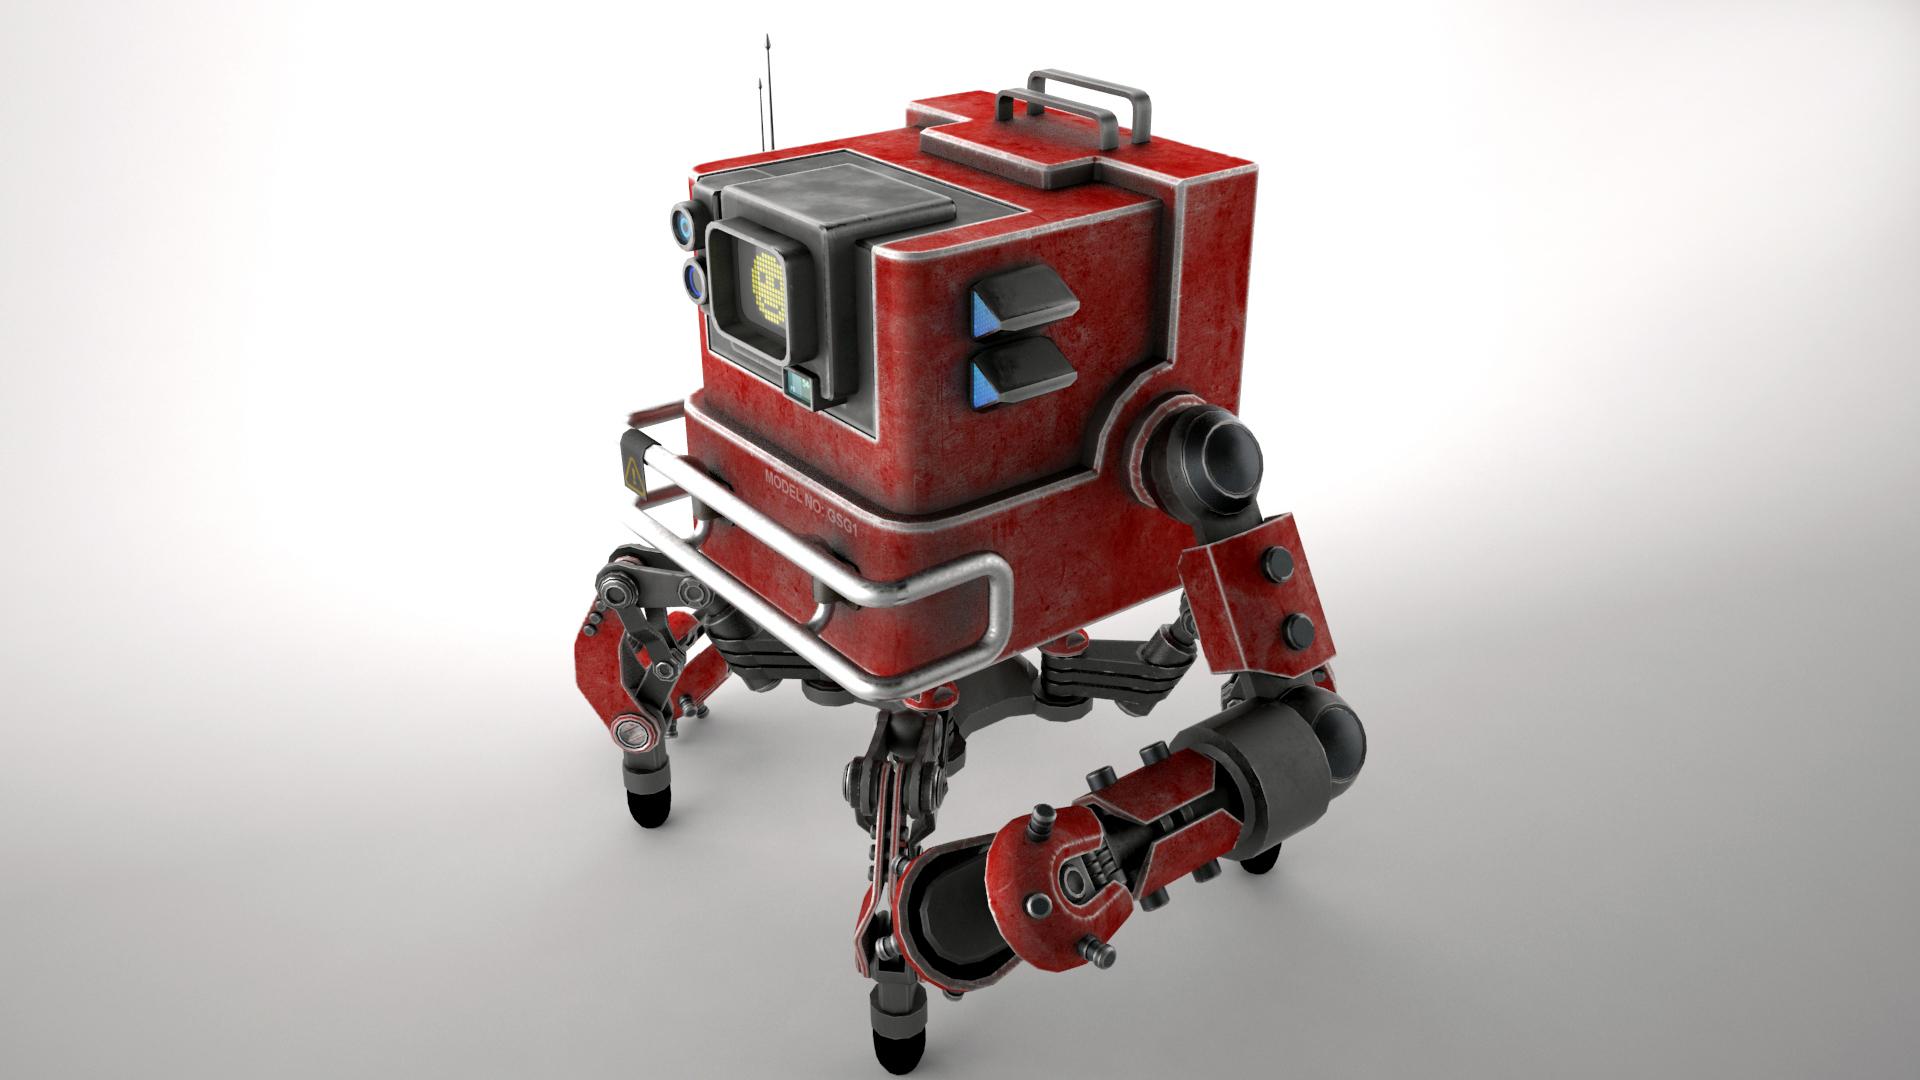 robot gsg1 3d model 3ds max fbx obj 267415